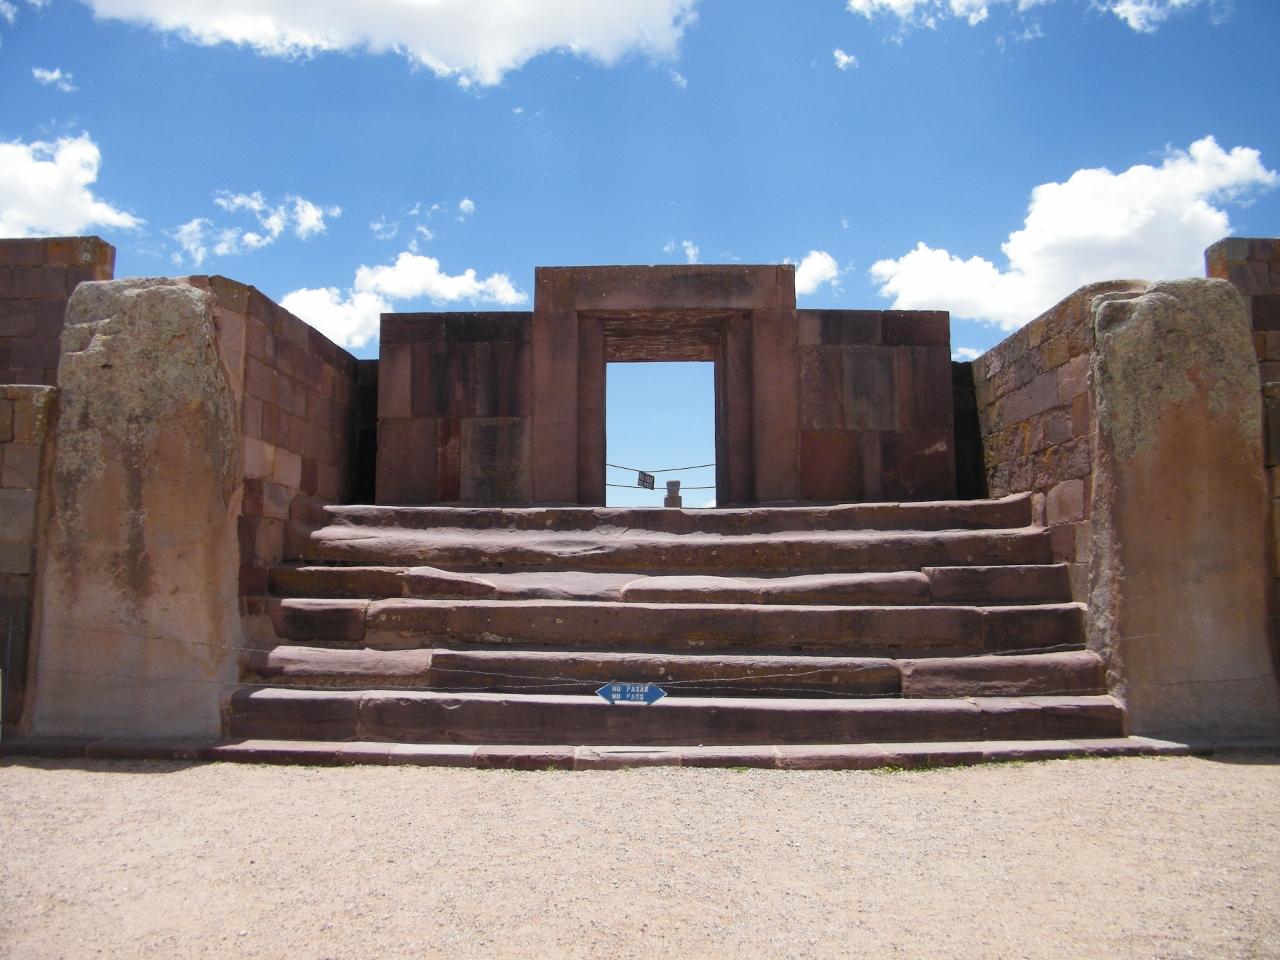 Recuerdos de bolivia historia de miedo hacia las ruinas for Porque se llama la puerta del sol